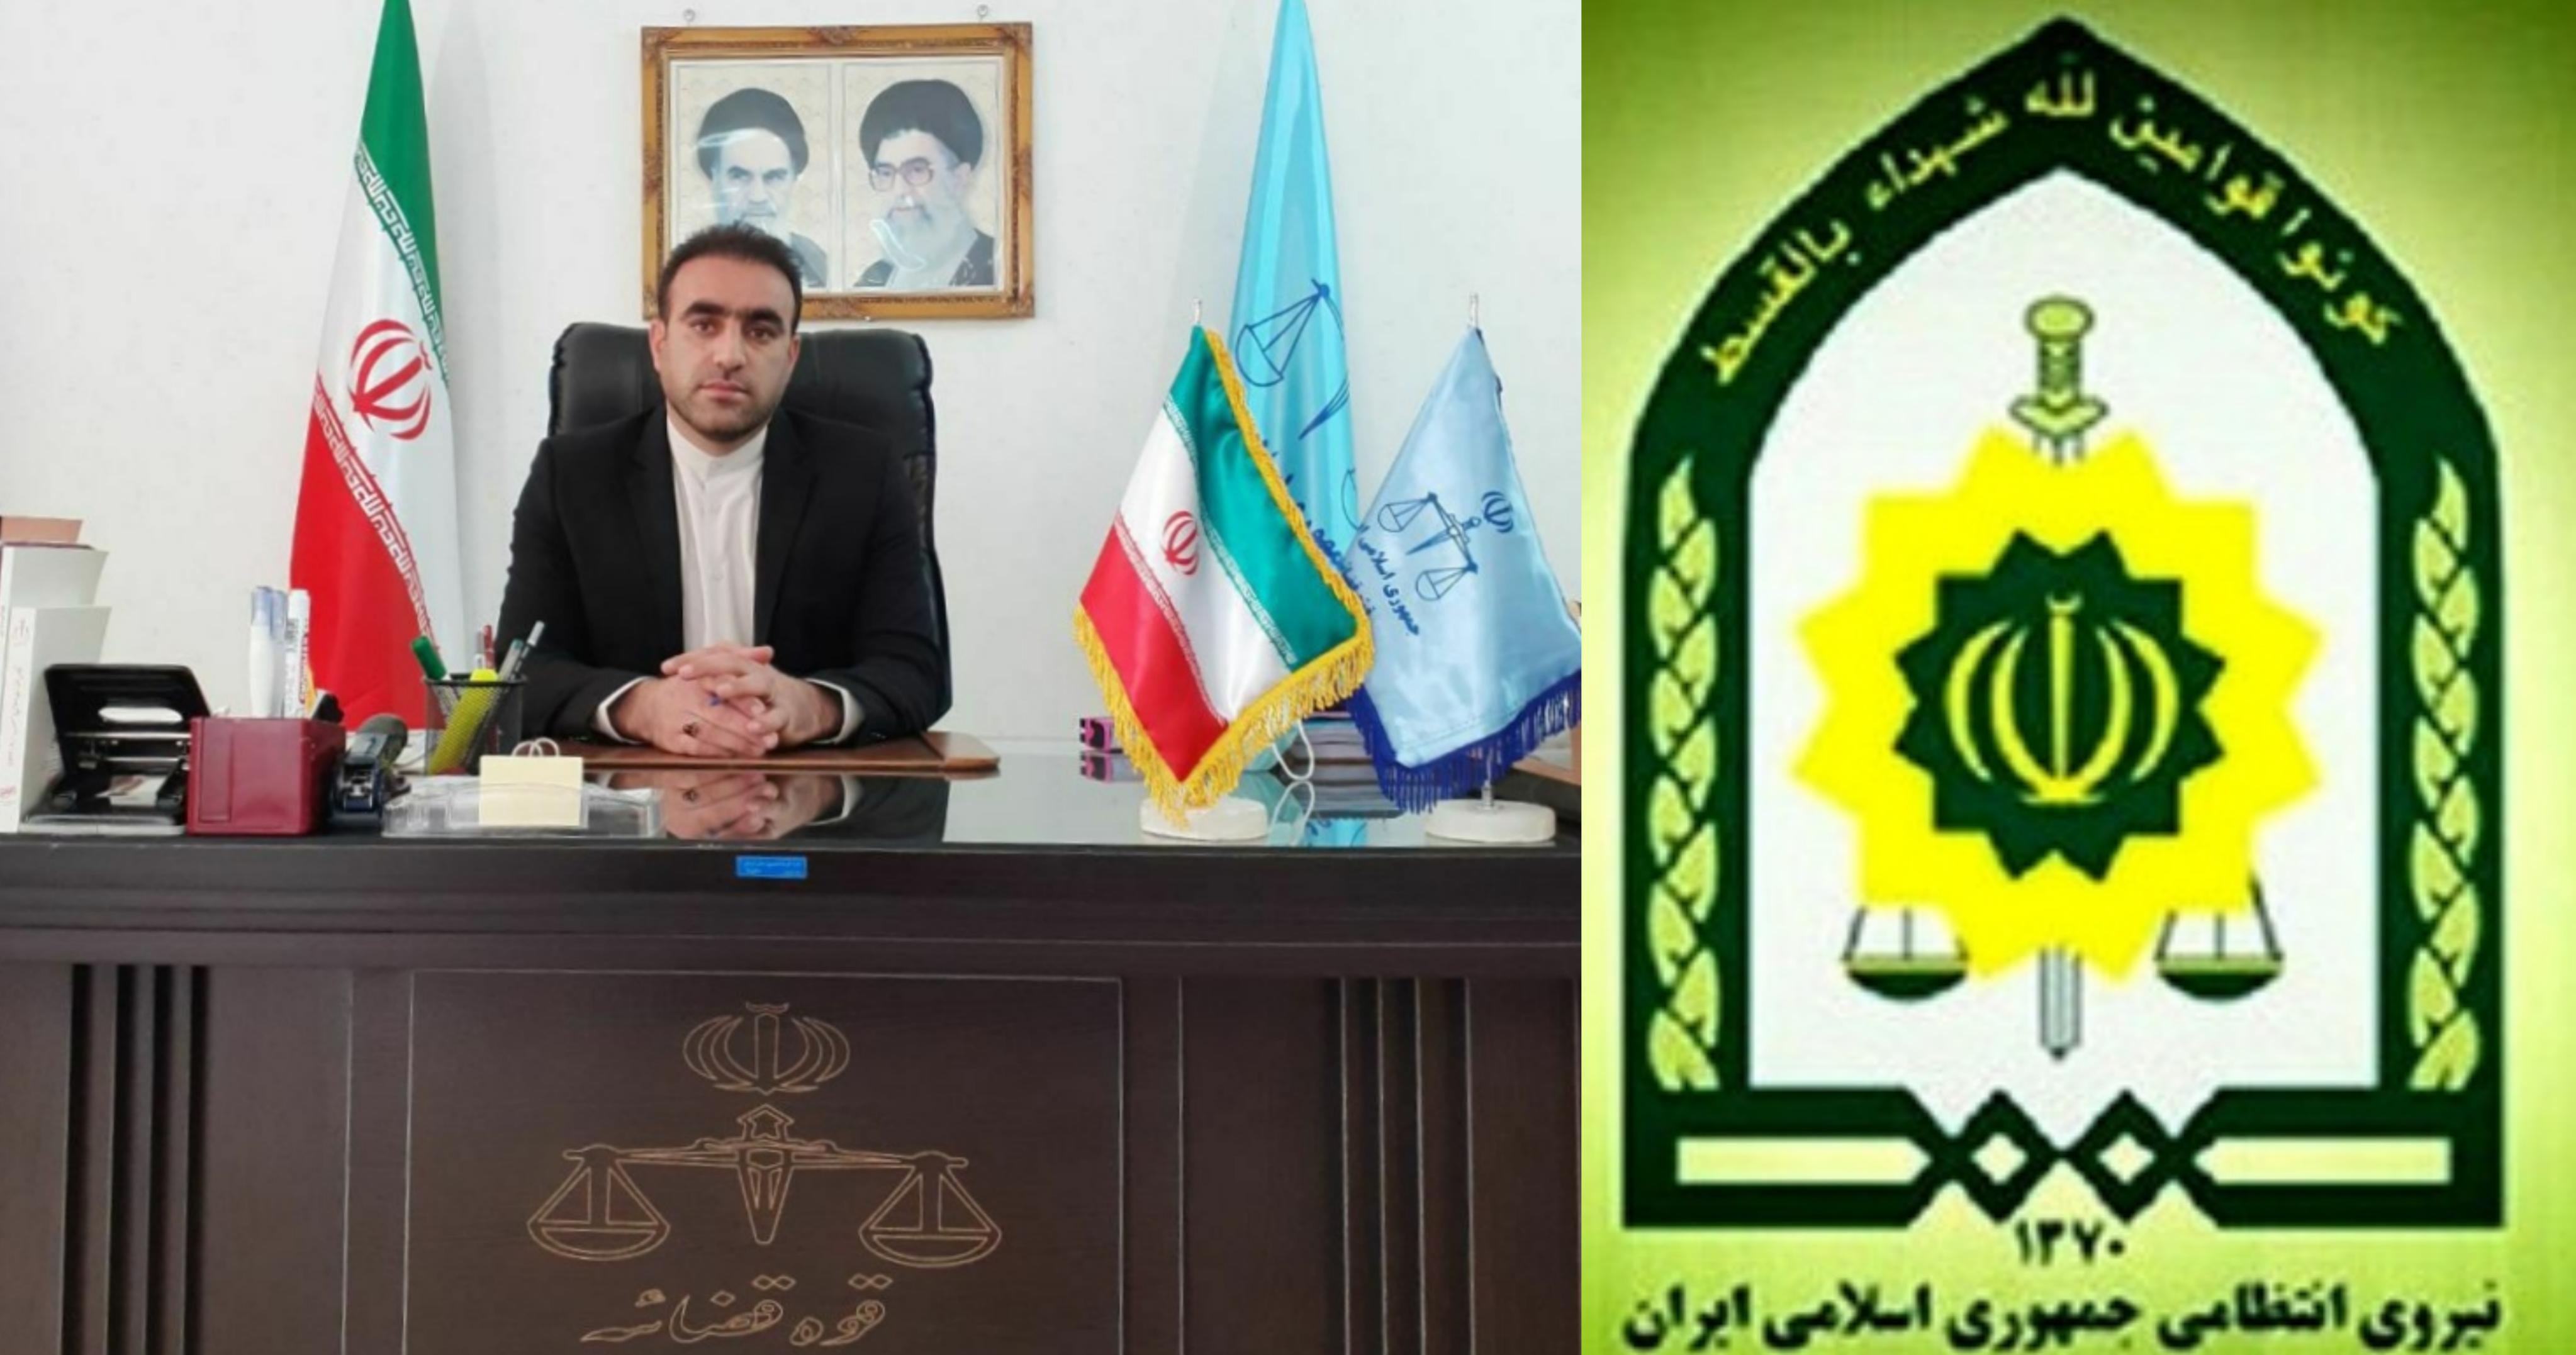 دستور دادستان شهرستان کوهدشت به نیروی انتظامی جهت پلمپ و جمع آوری قلیان سراها: